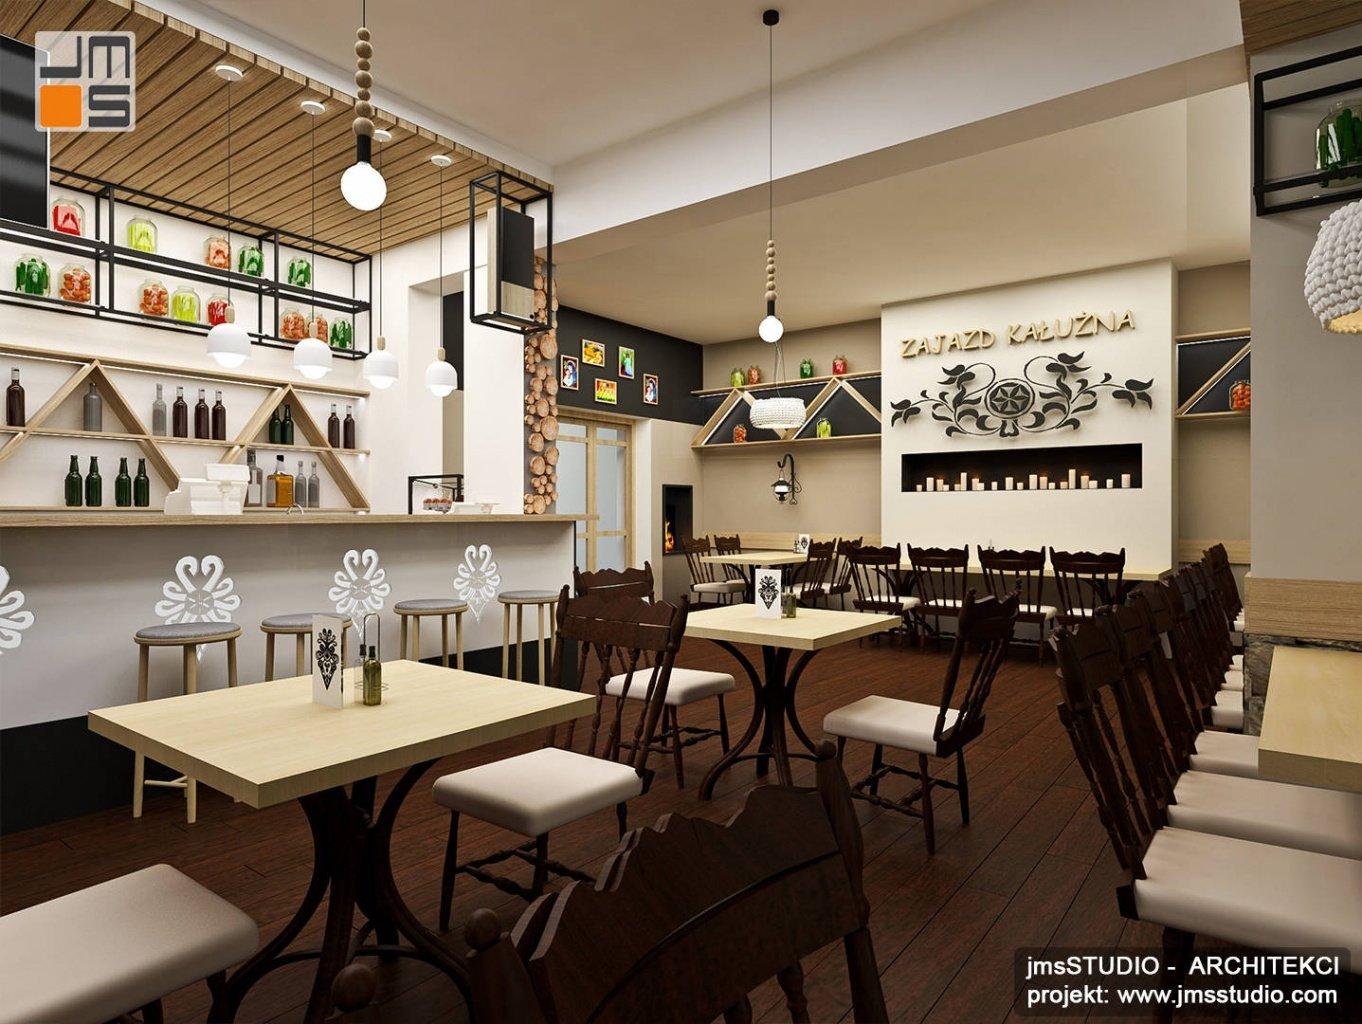 Kominek we wnętrzu restauracji góralskiej jako pomysł na projekt wnętrz przytulnych i nowoczesnych